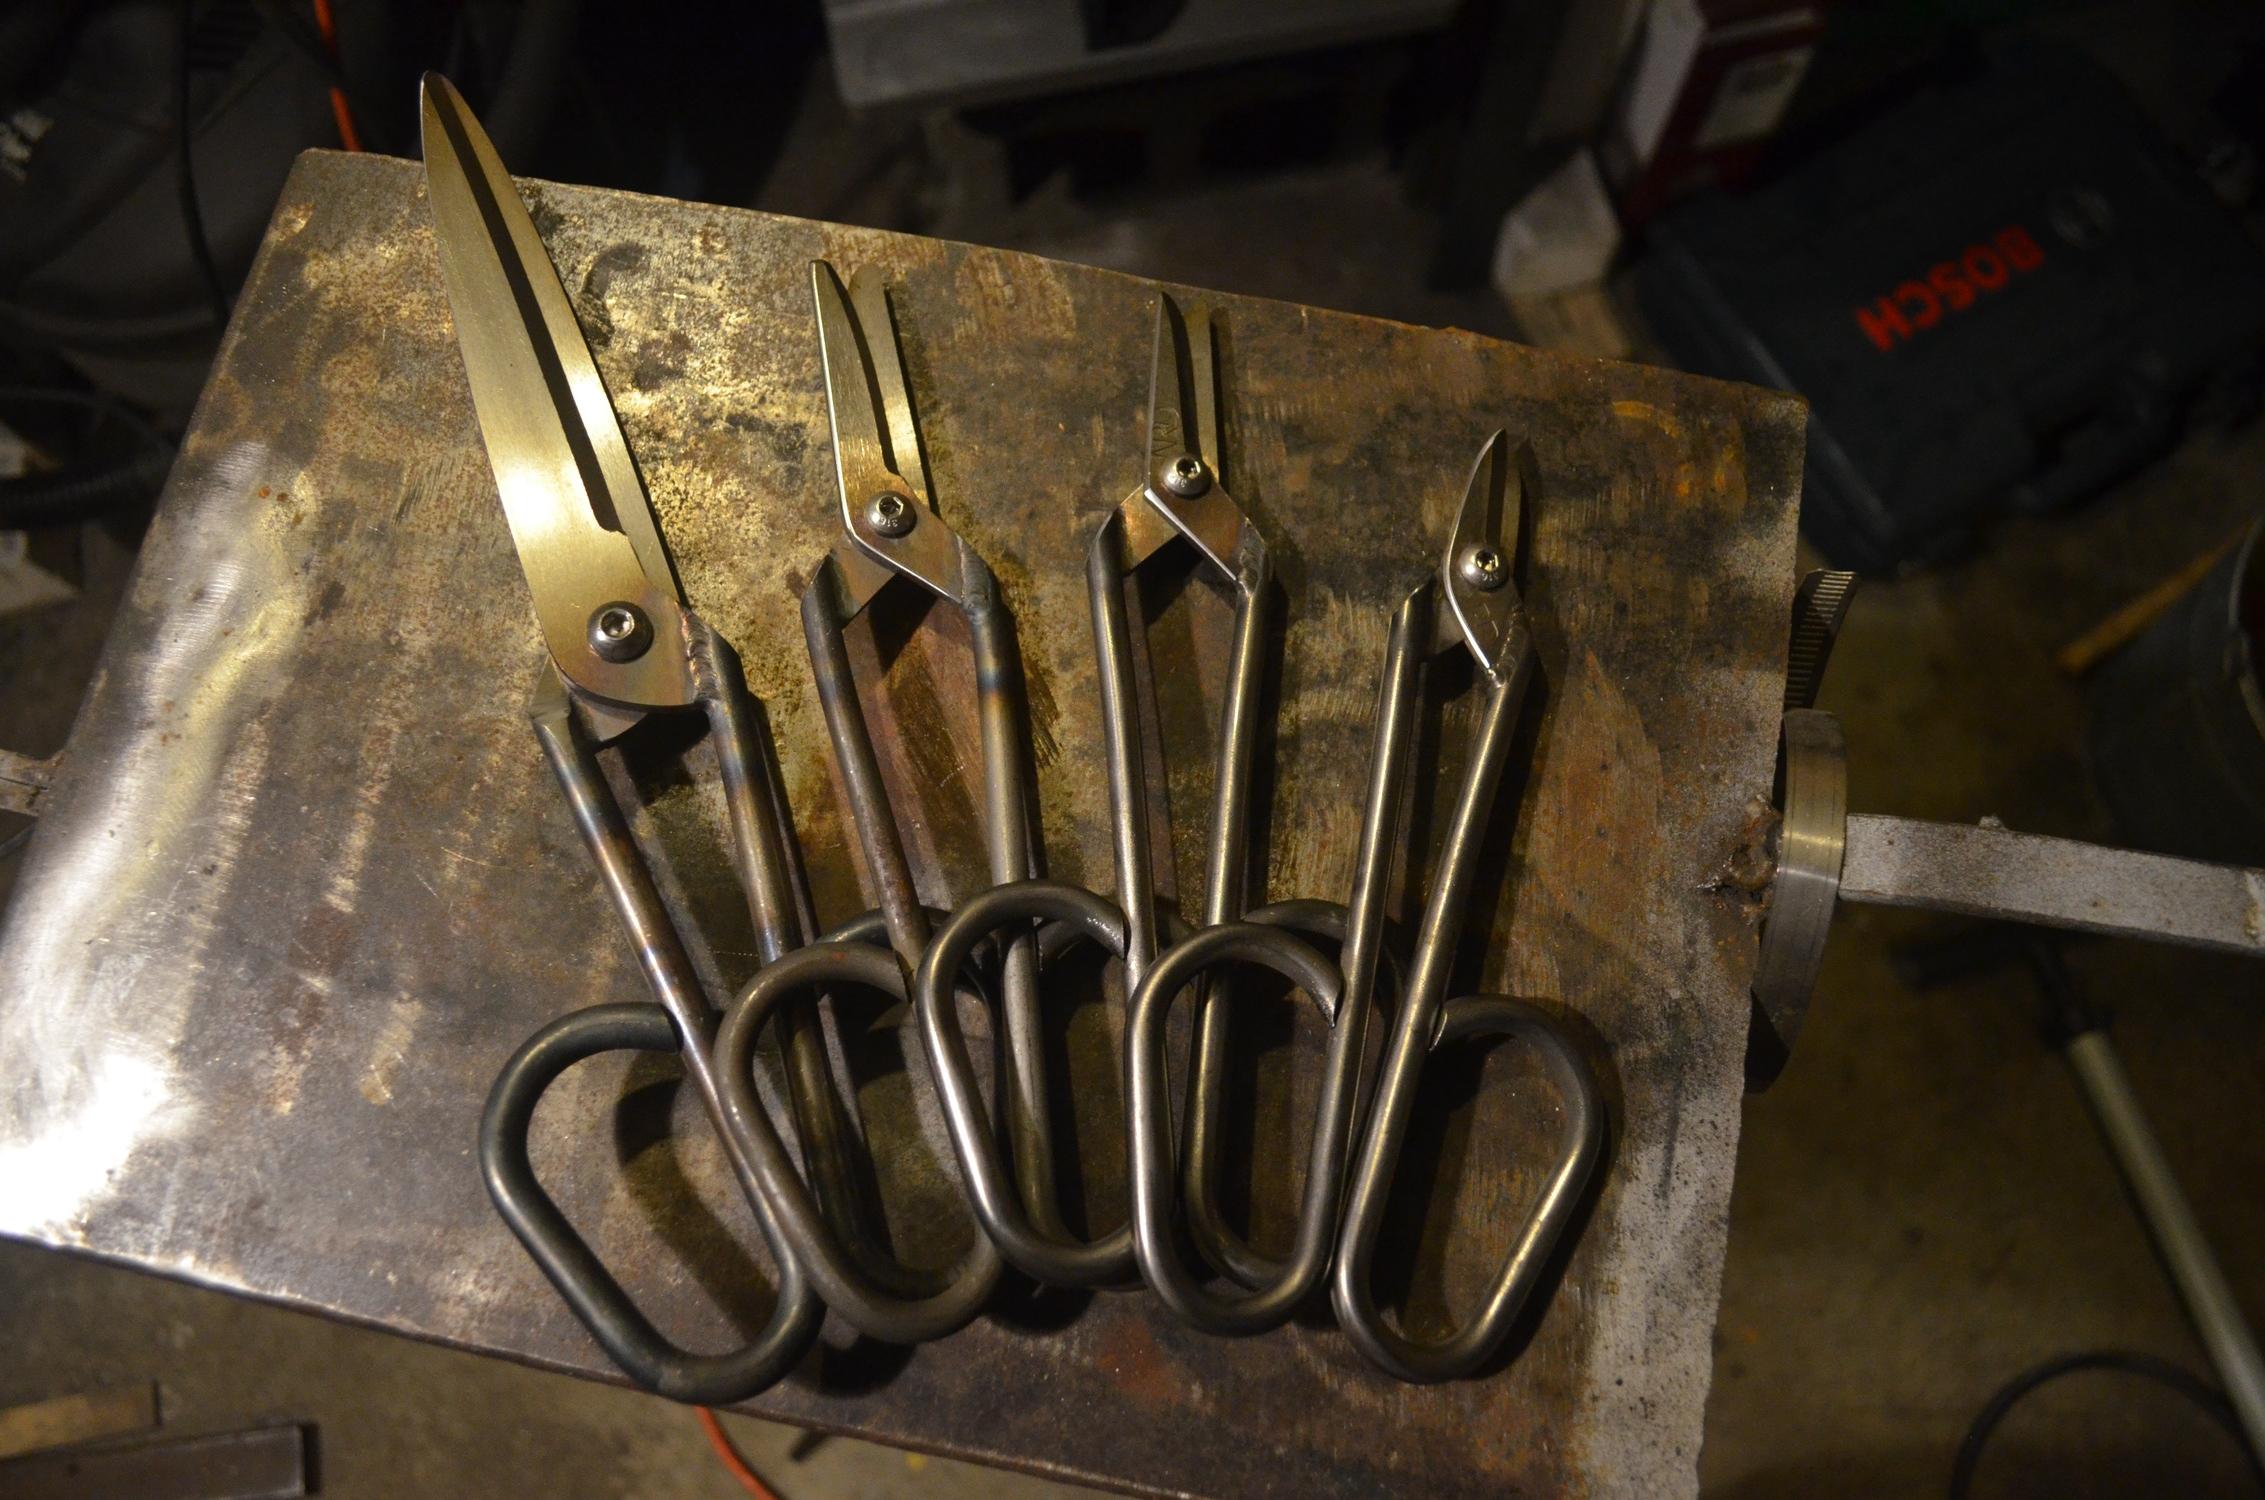 NRD shears